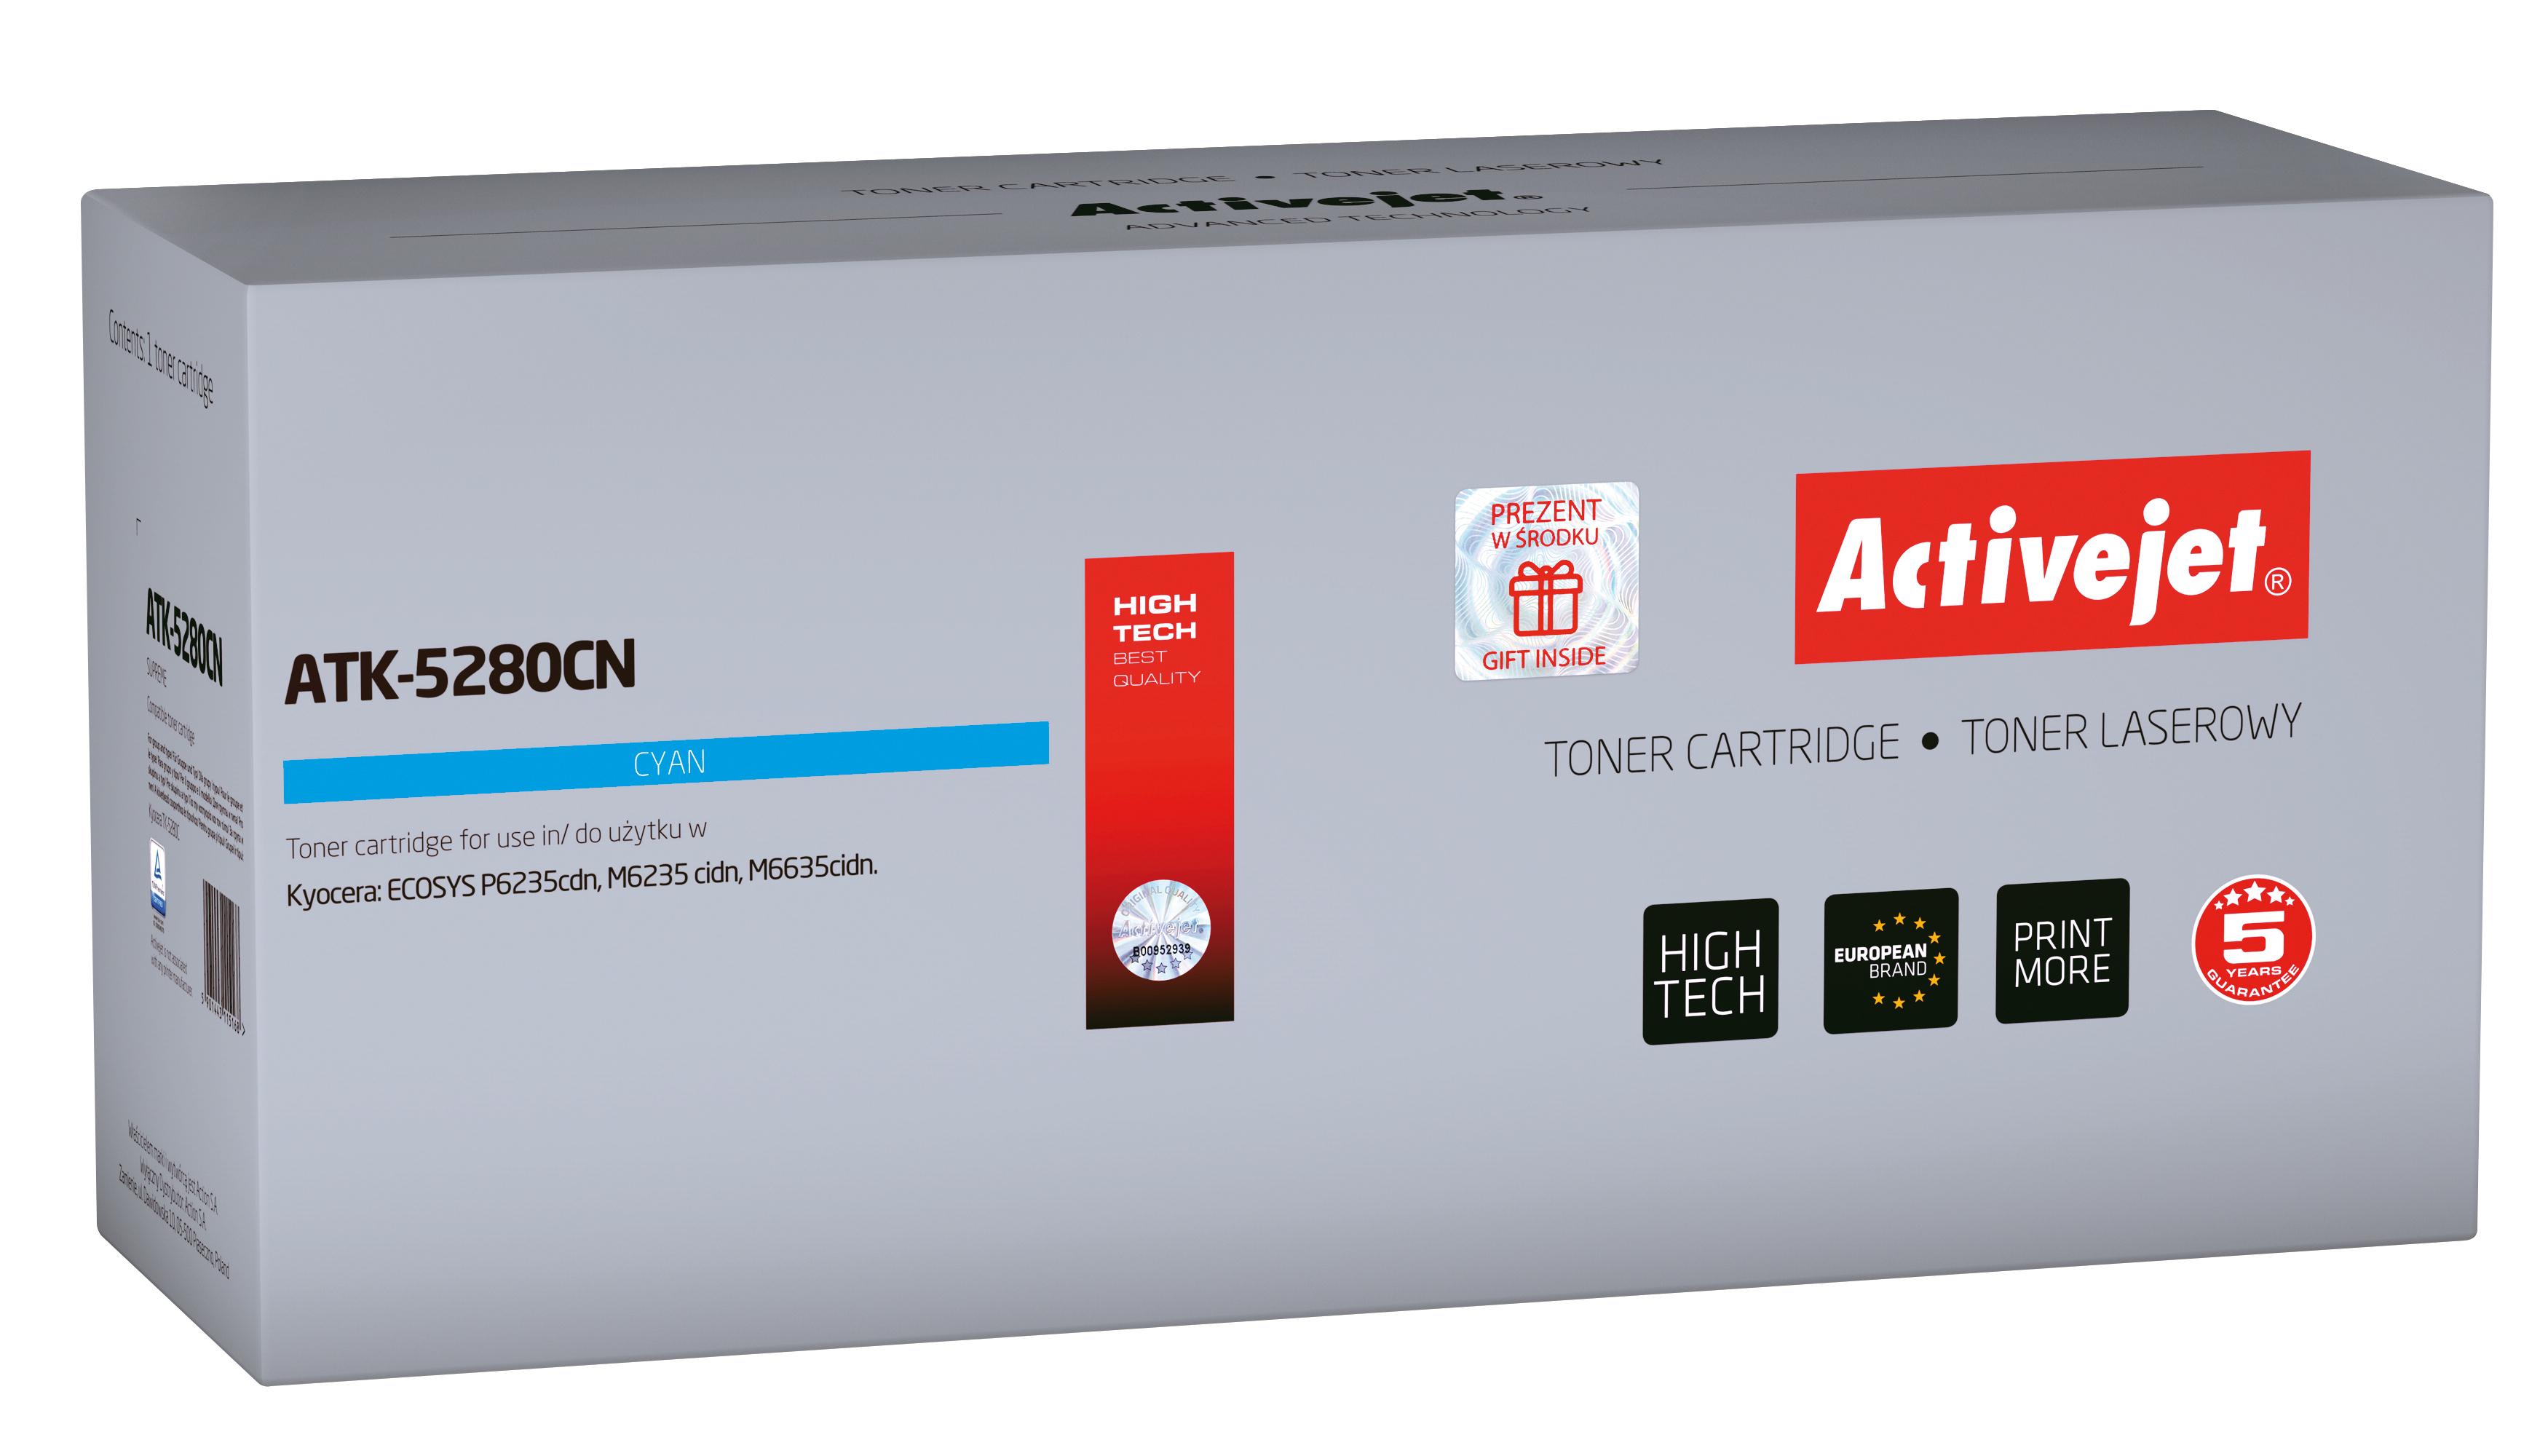 Toner Activejet  ATK-5280CN do drukarki Kyocera, Zamiennik Kyocera TK-5280C; Supreme; 11000 stron; Błękitny.